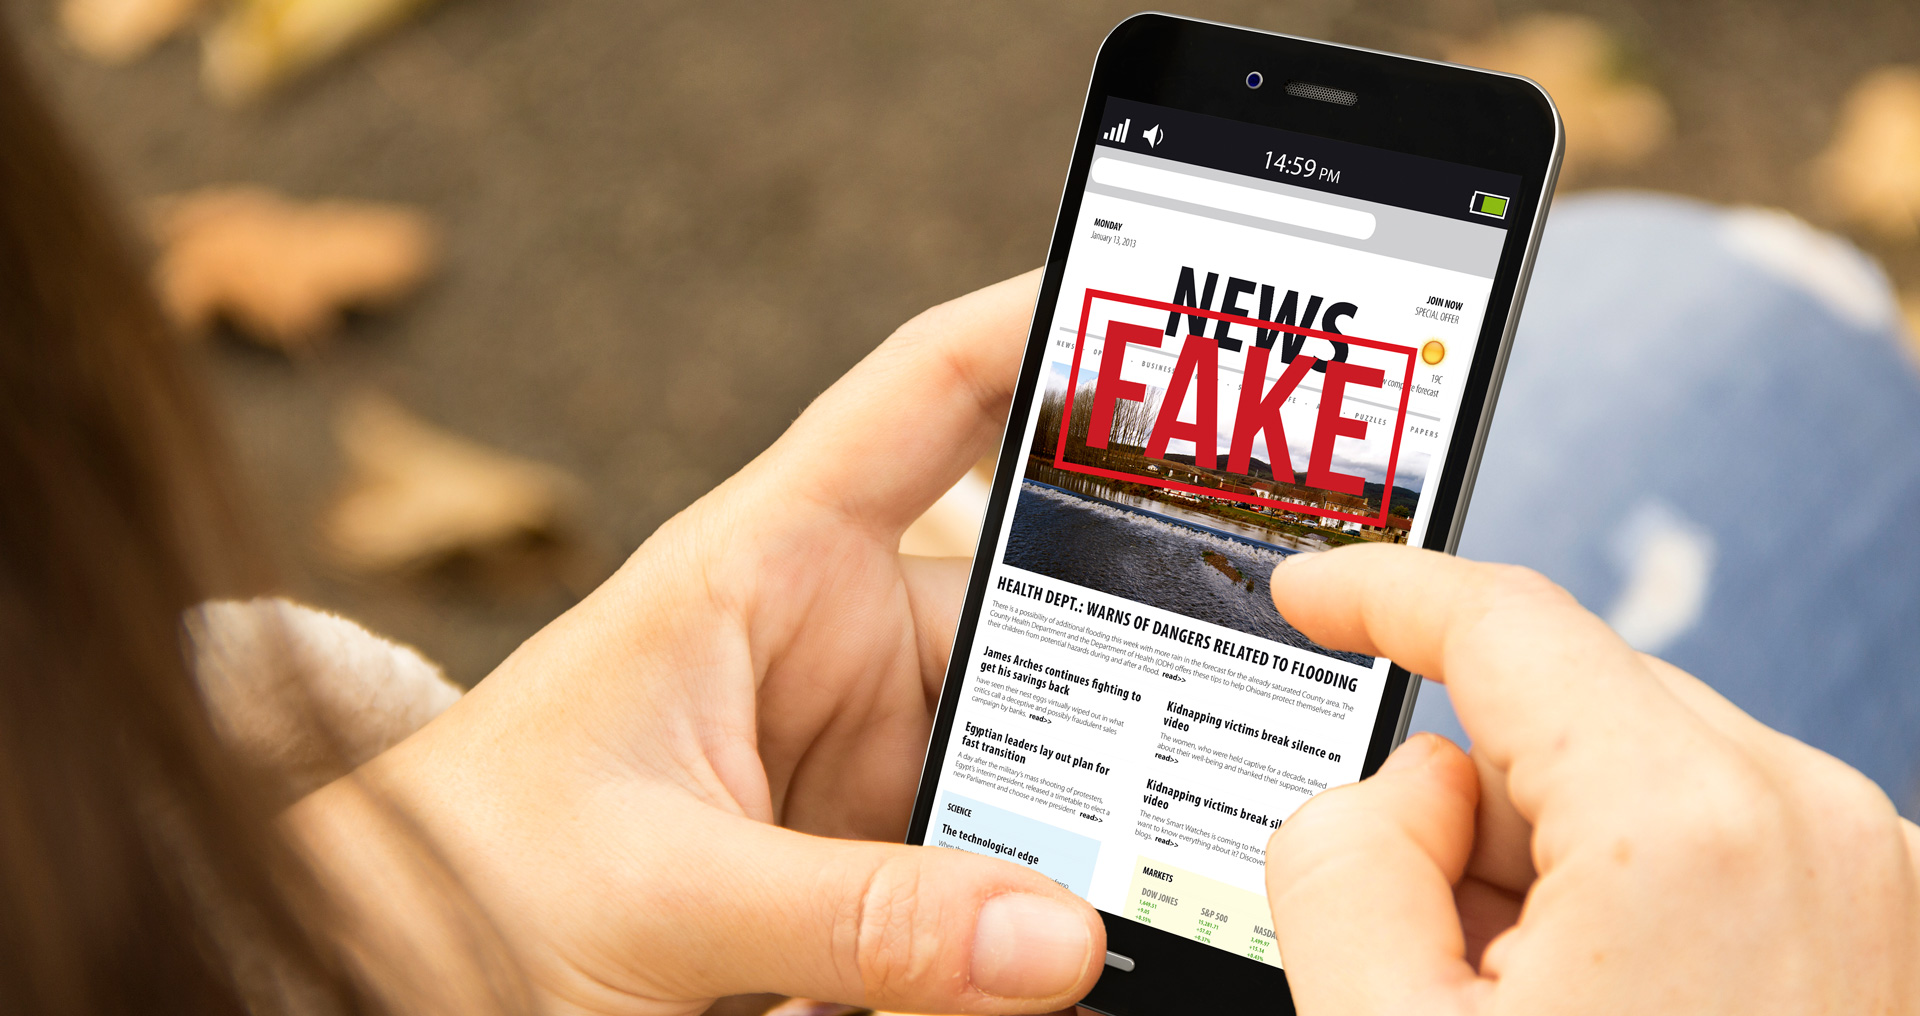 Los internautas están a favor de prohibir las noticias falsas